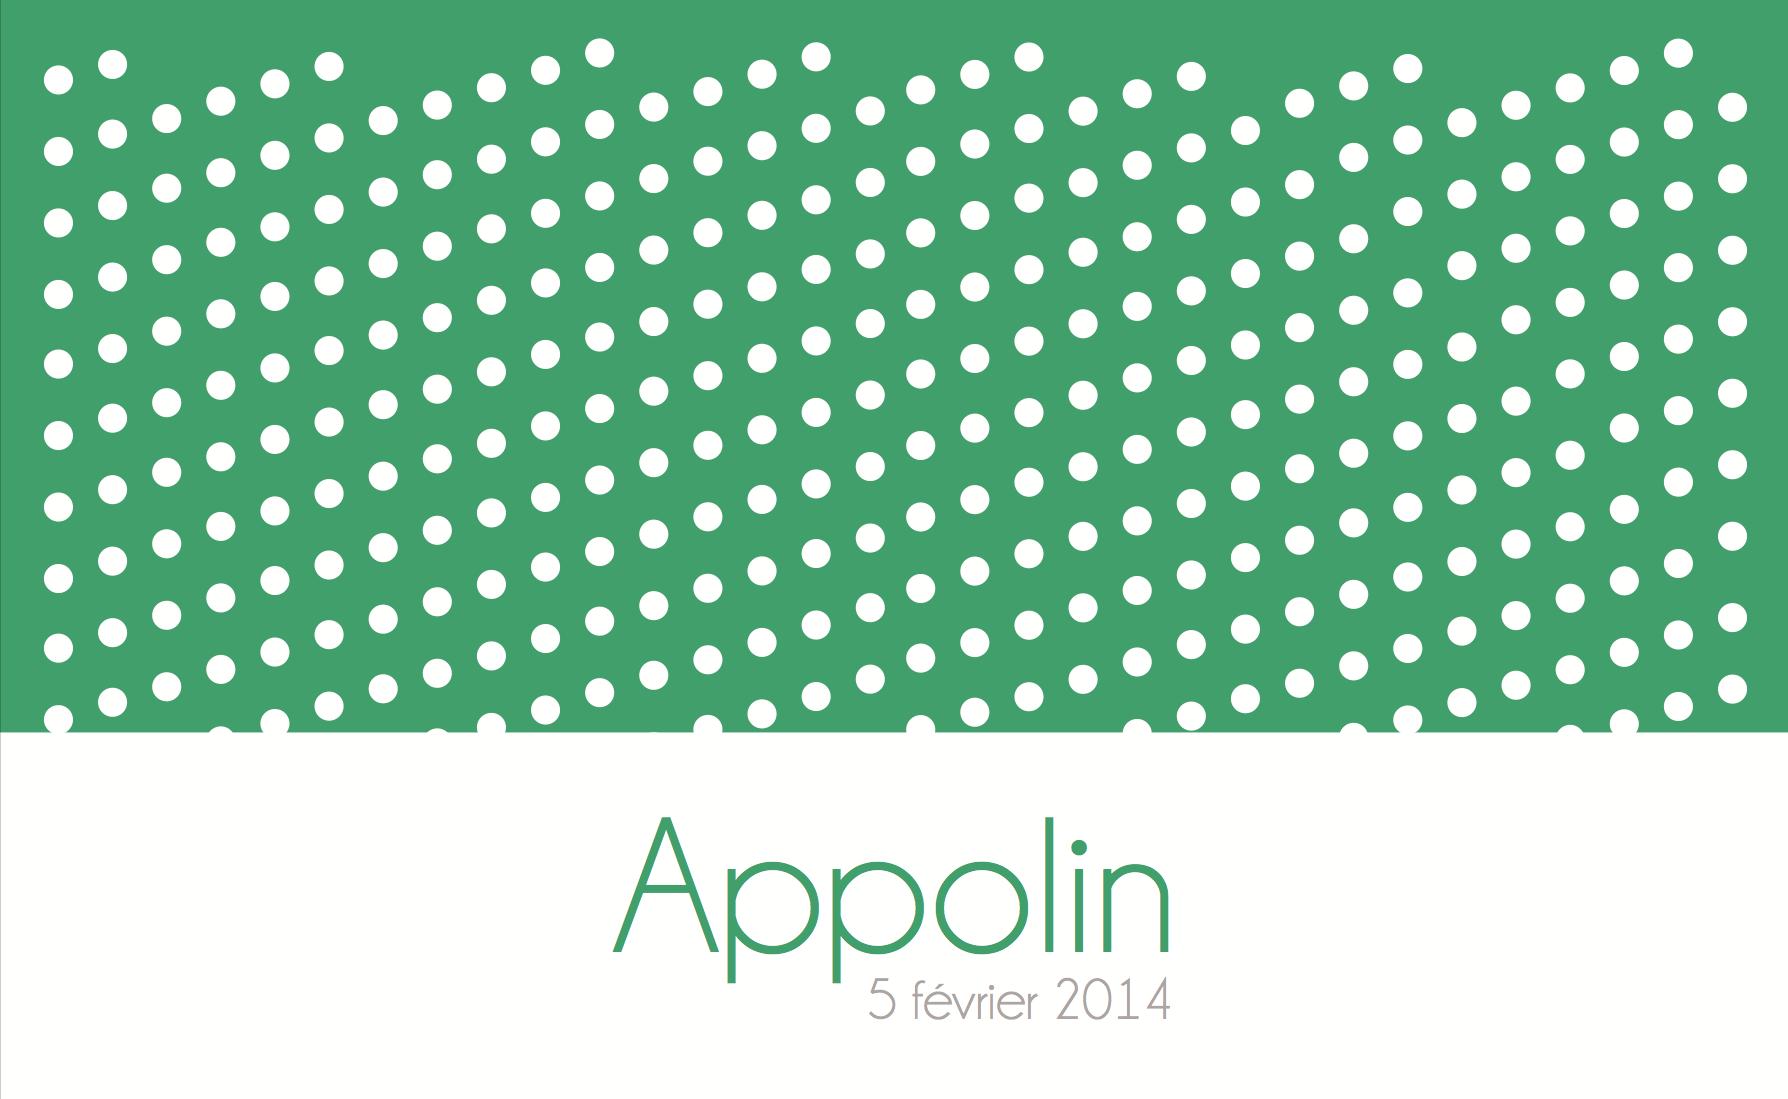 Appoline rectangulaire recto 1 vert.png